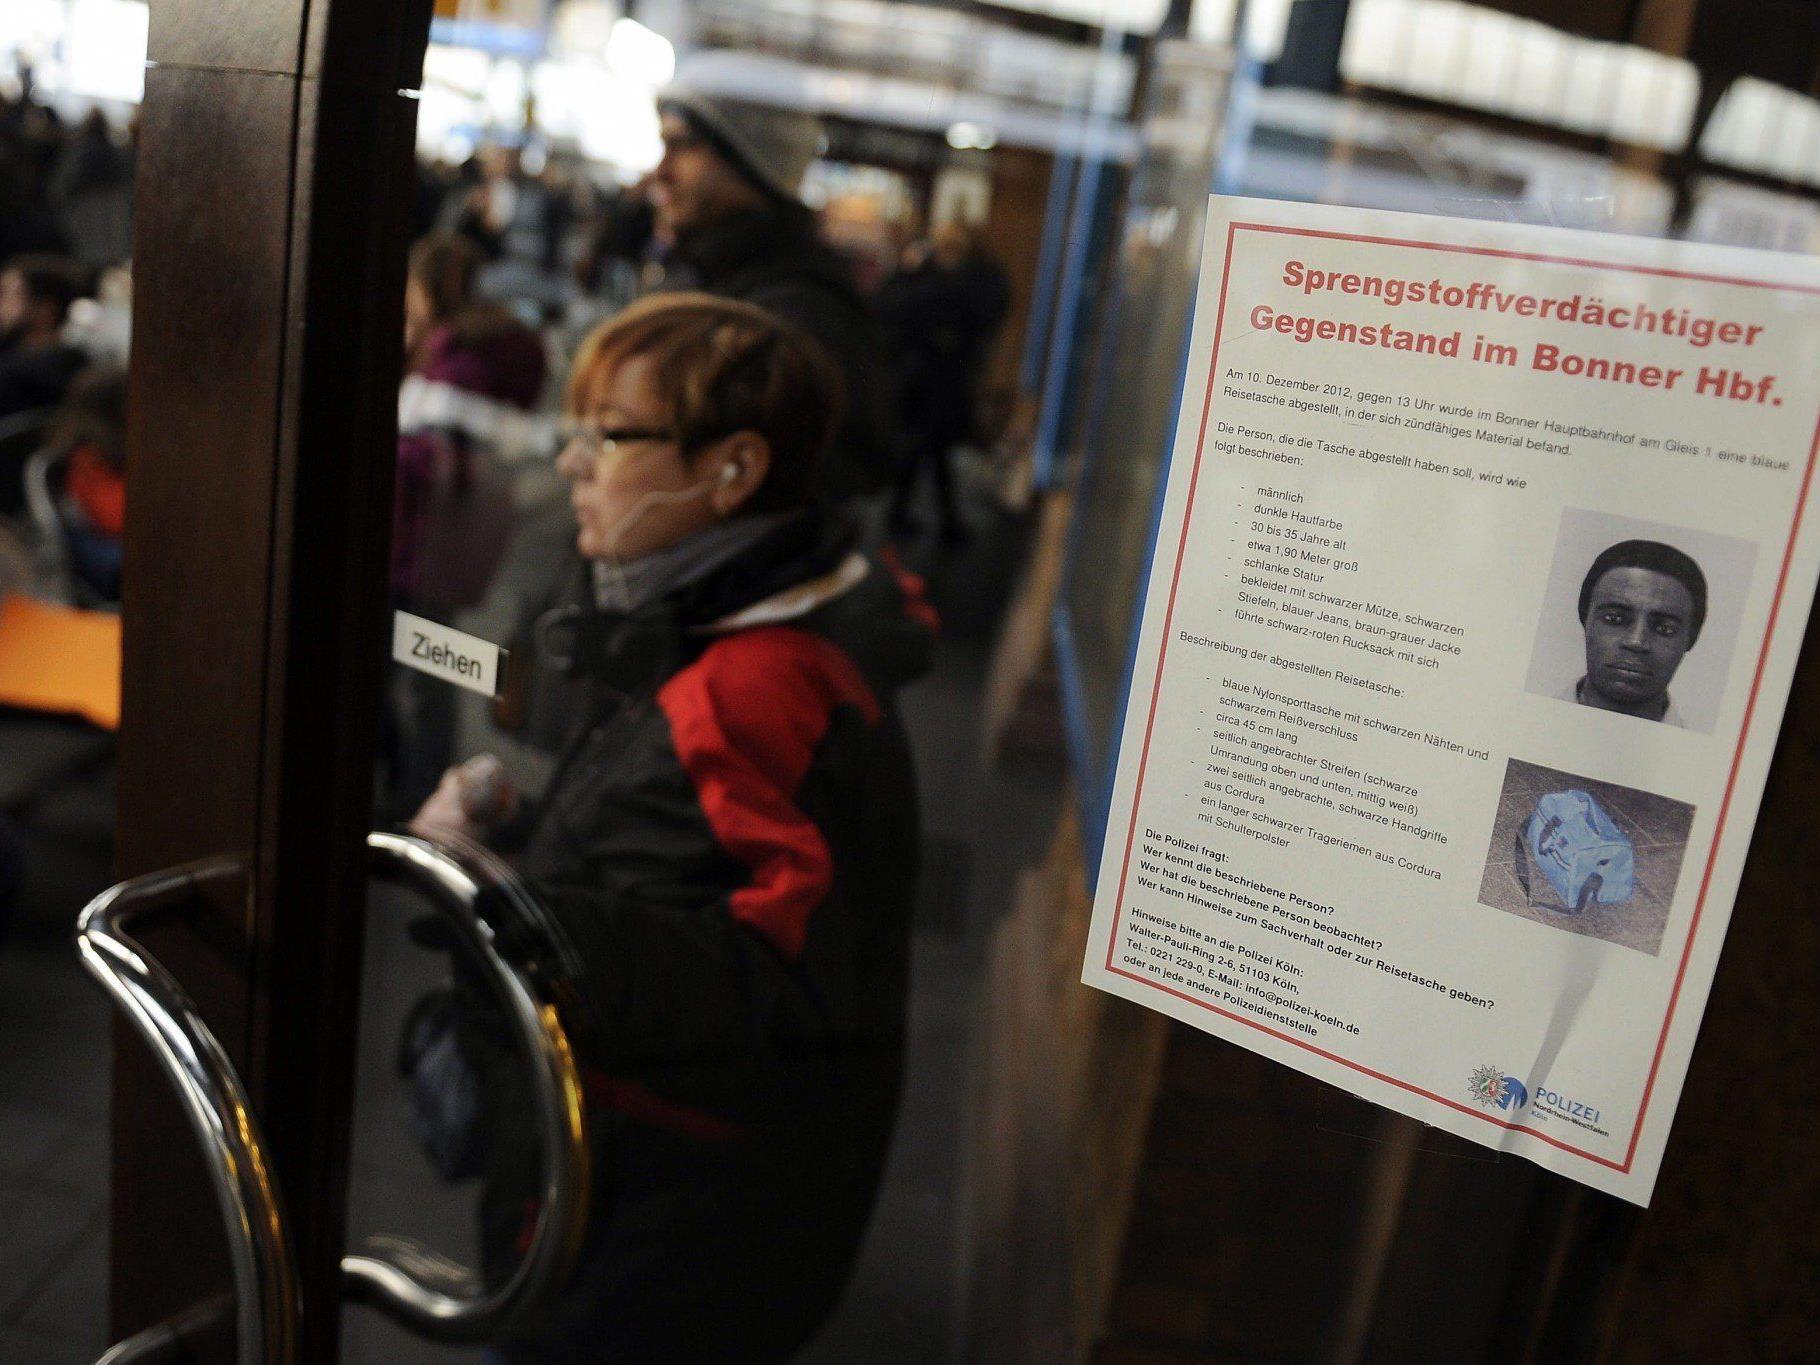 Möglicherweise bestehen verbindungen zum versuchten Anschlag am Bonner Hauptbahnhof im Dezember 2012.